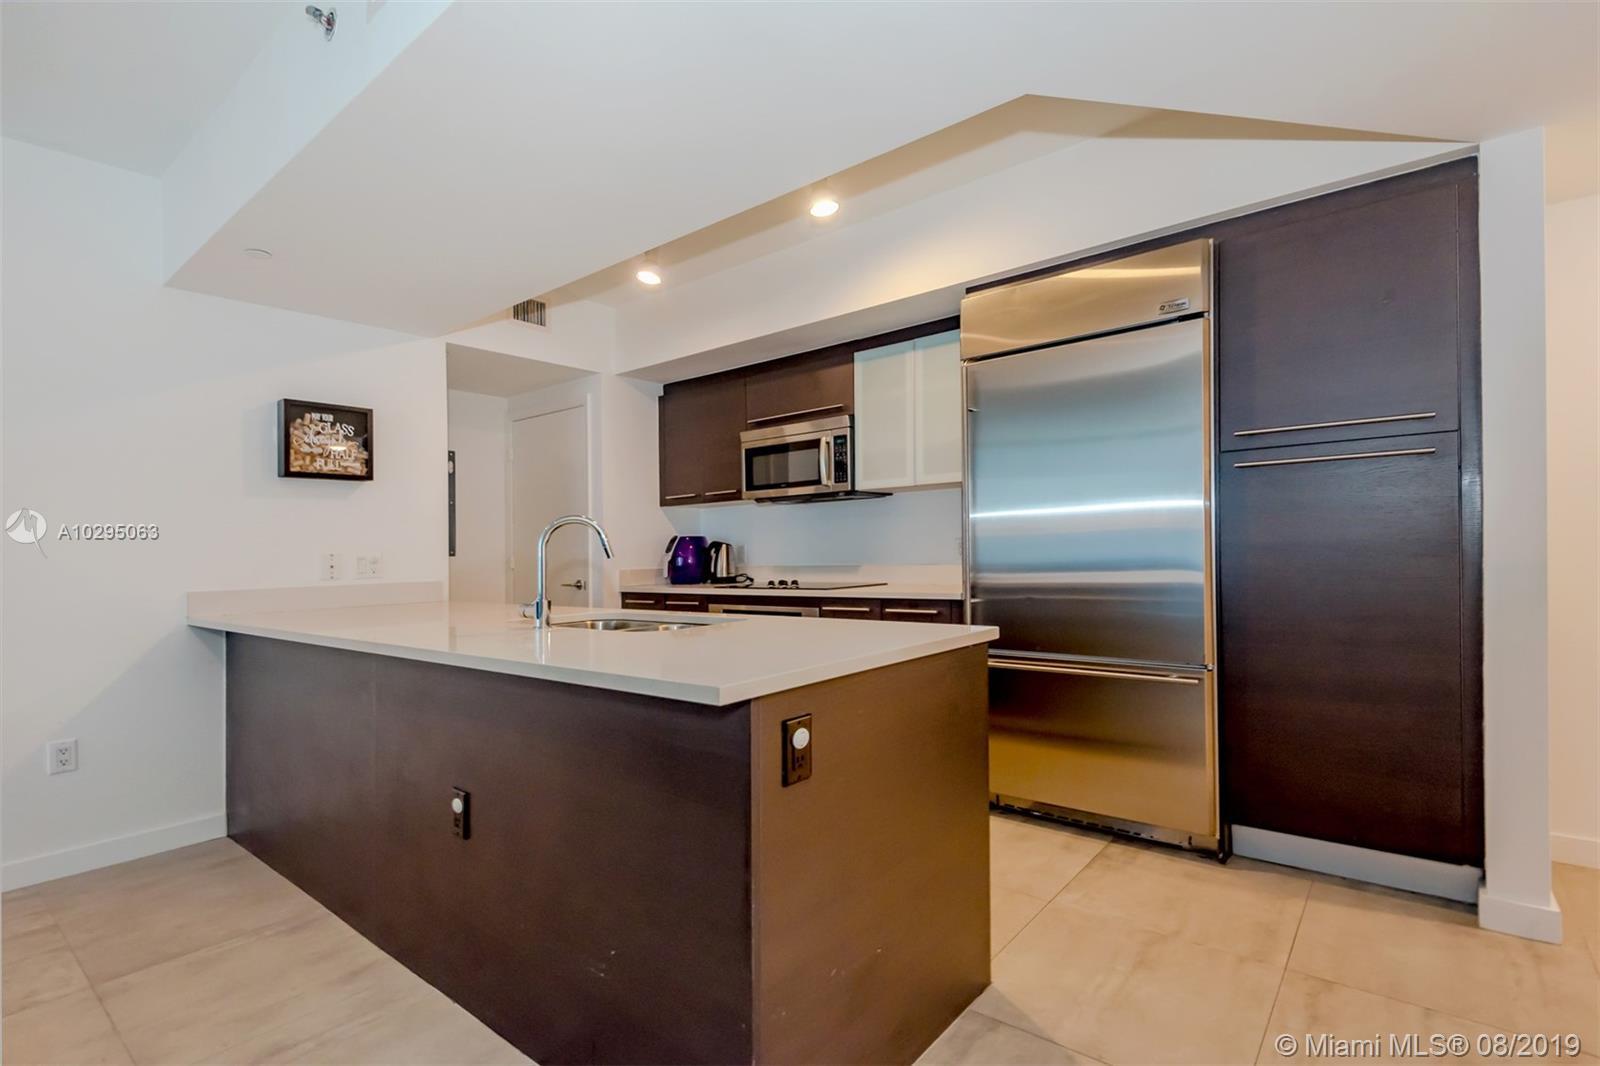 500 Brickell Avenue and 55 SE 6 Street, Miami, FL 33131, 500 Brickell #3003, Brickell, Miami A10295063 image #13